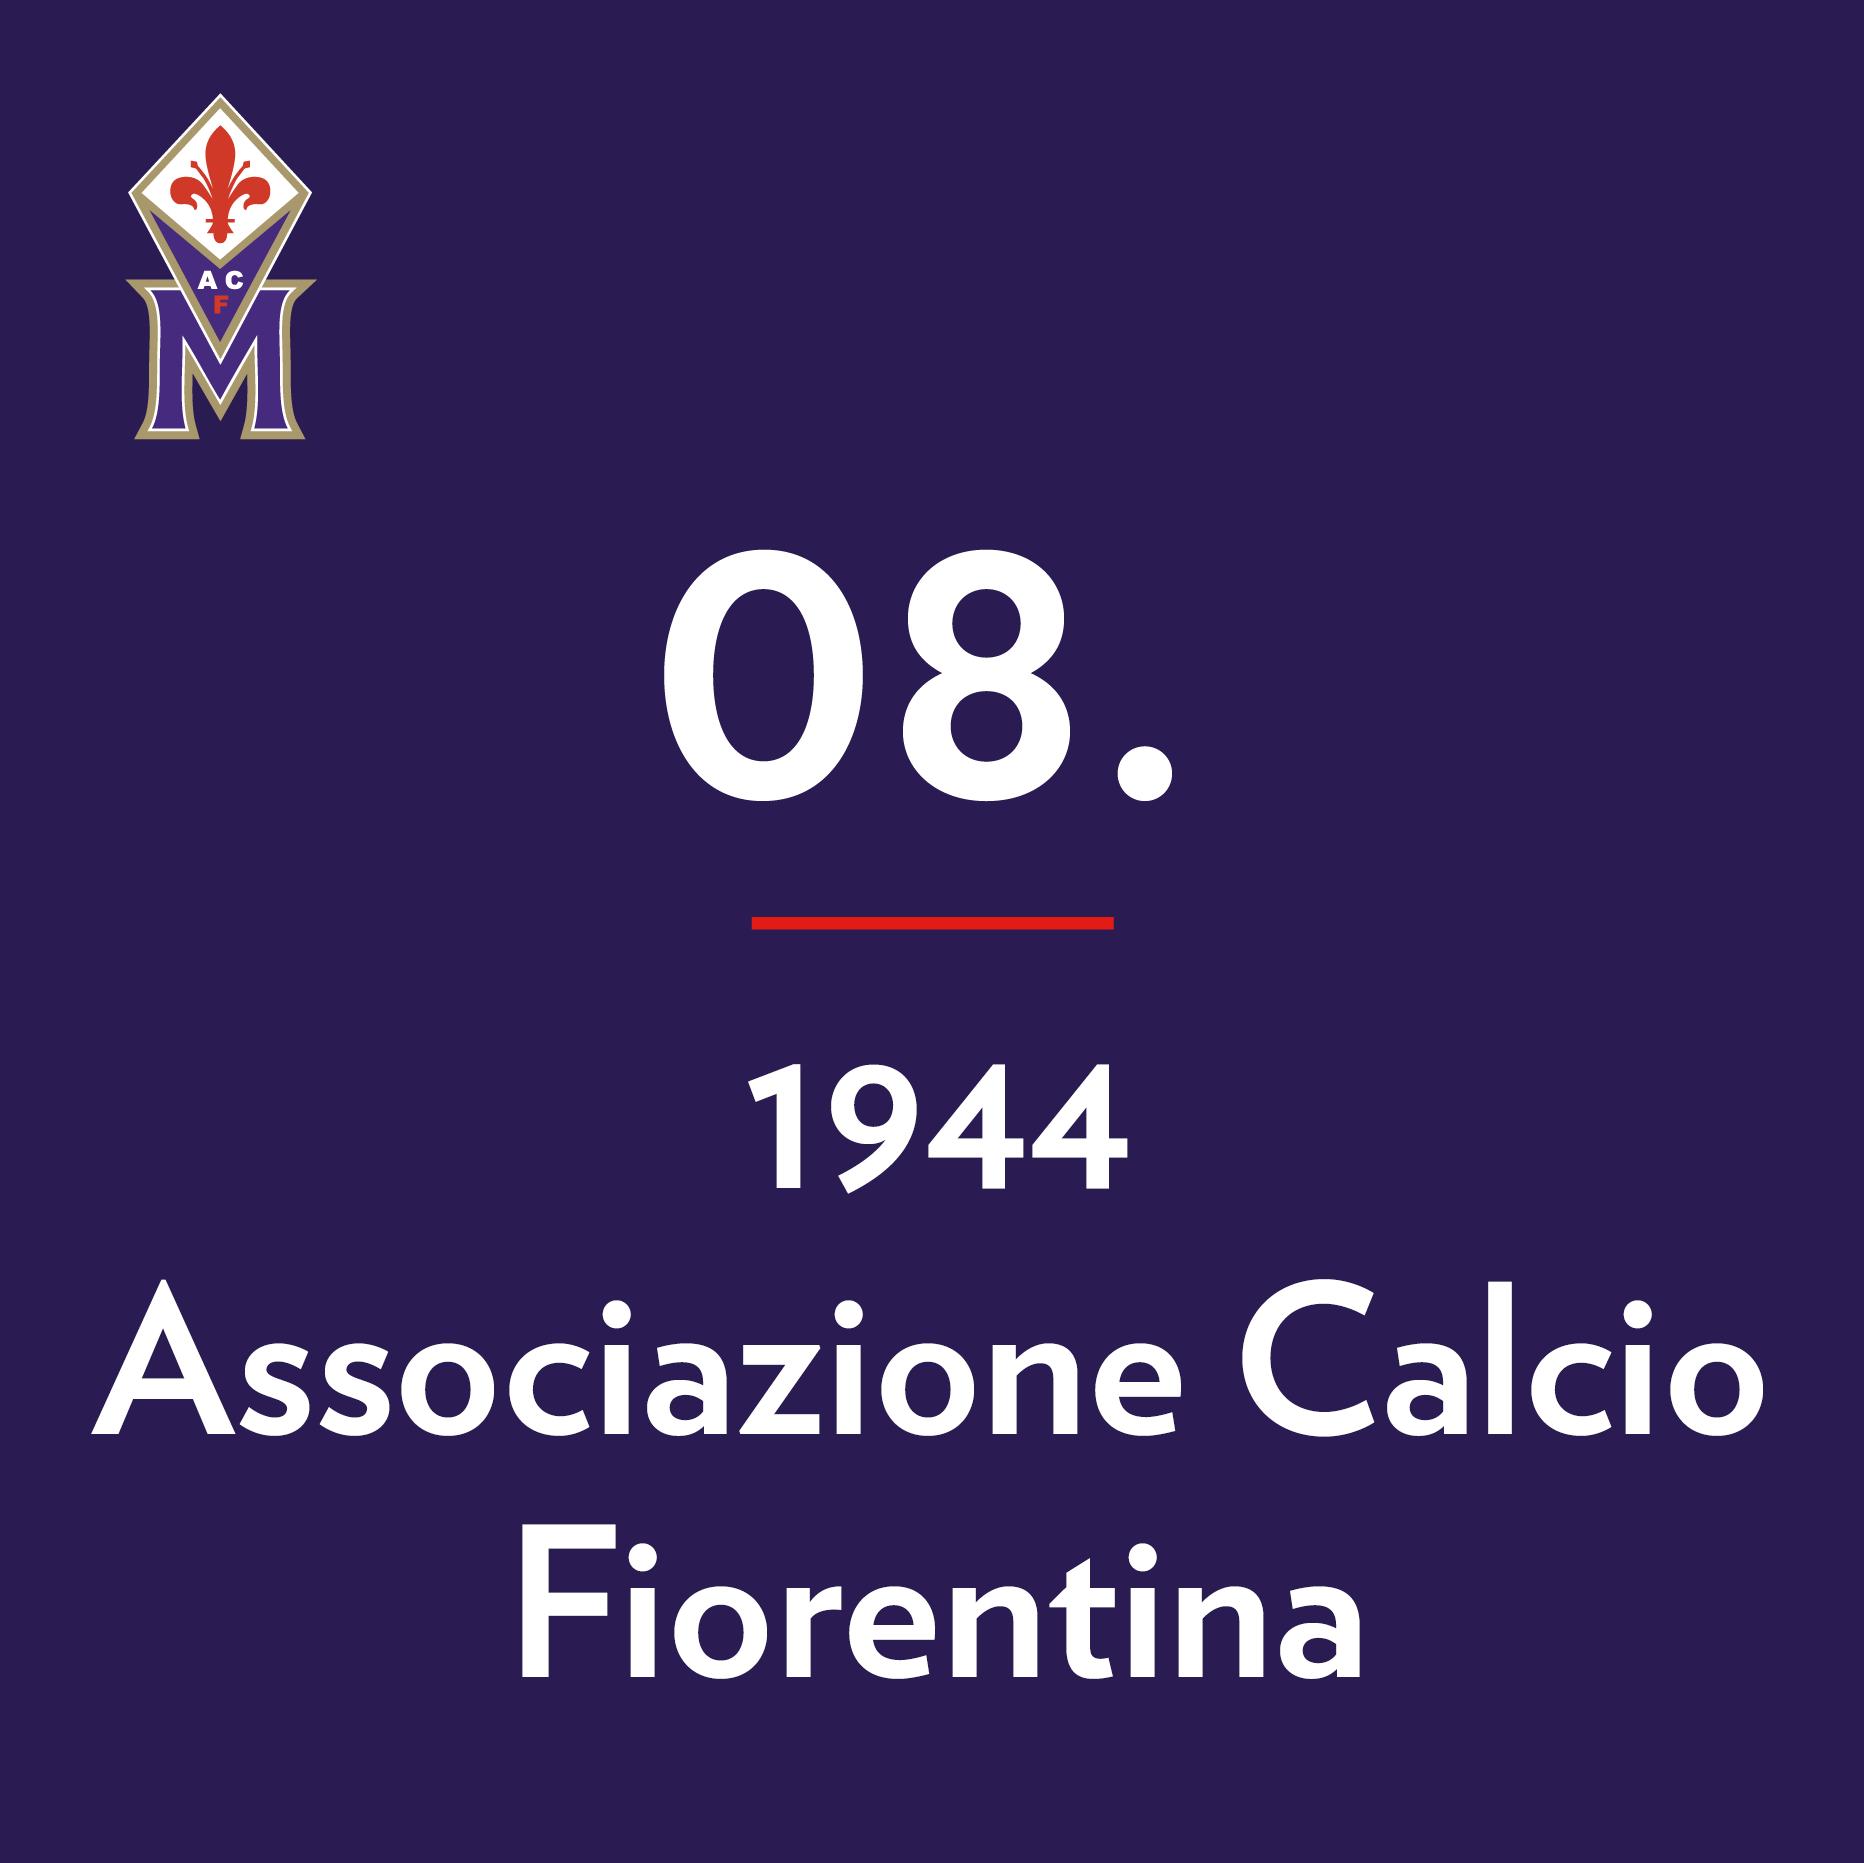 museo-fiorentina-la-nostra-storia-8-1944-associazione-calcio-fiorentina